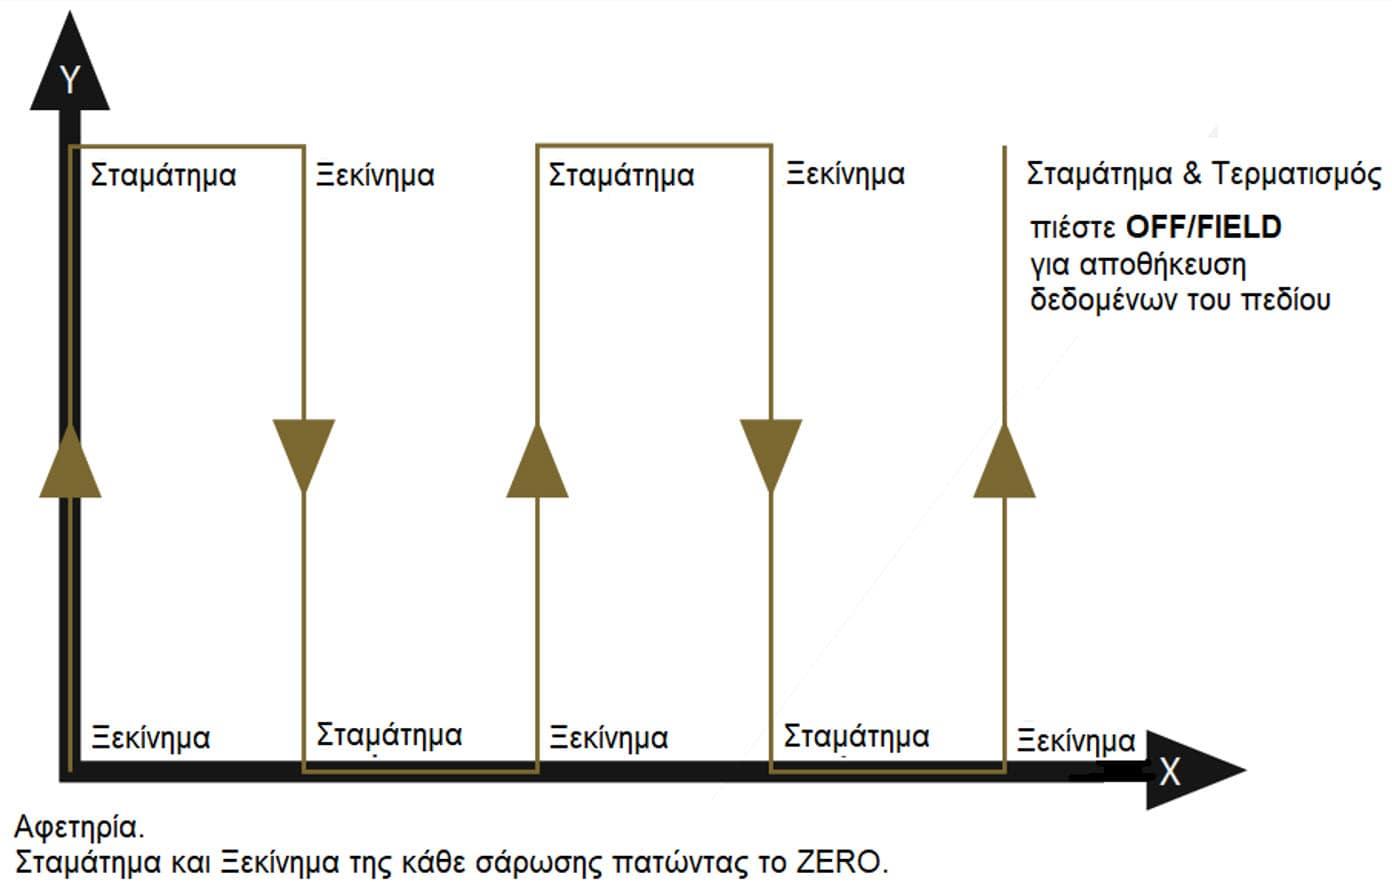 lorenz-z2-anixneyths-xrysoy-apeikonish-edafoys-3d-katagrafh-min